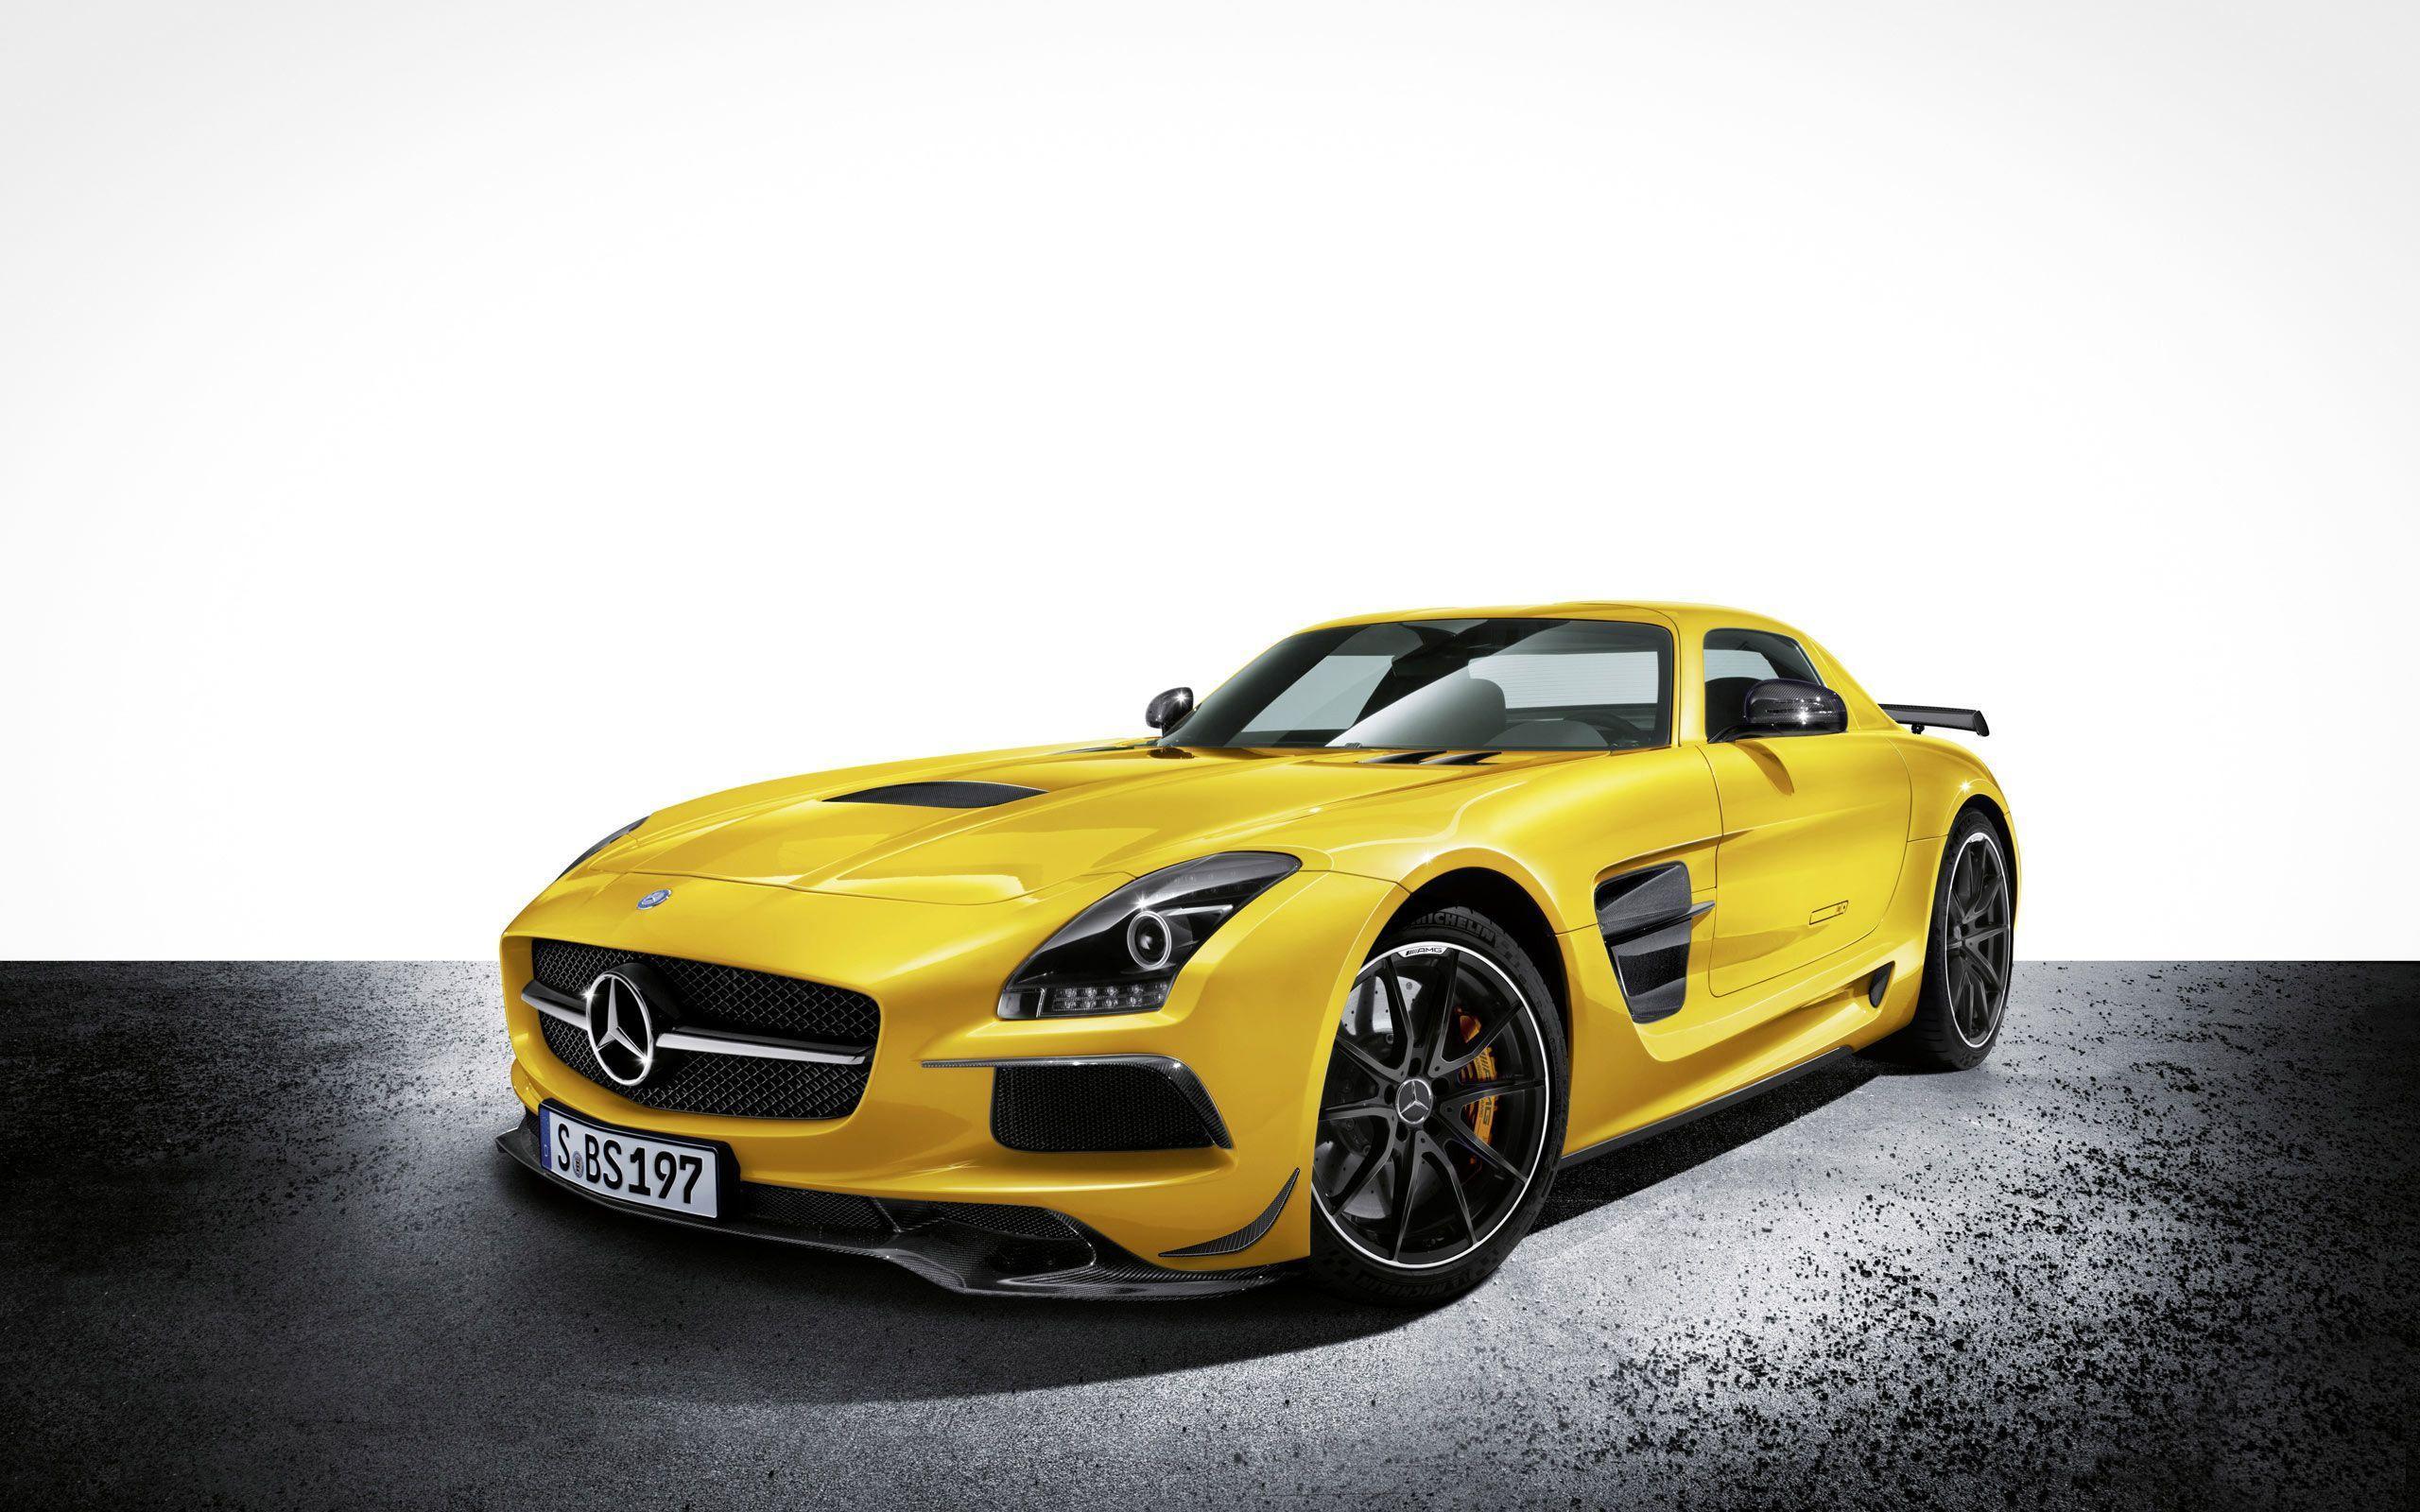 2014 mercedes benz sls amg black series wallpaper hd car wallpapers - Mercedes Benz C63 Amg Black Series Wallpaper